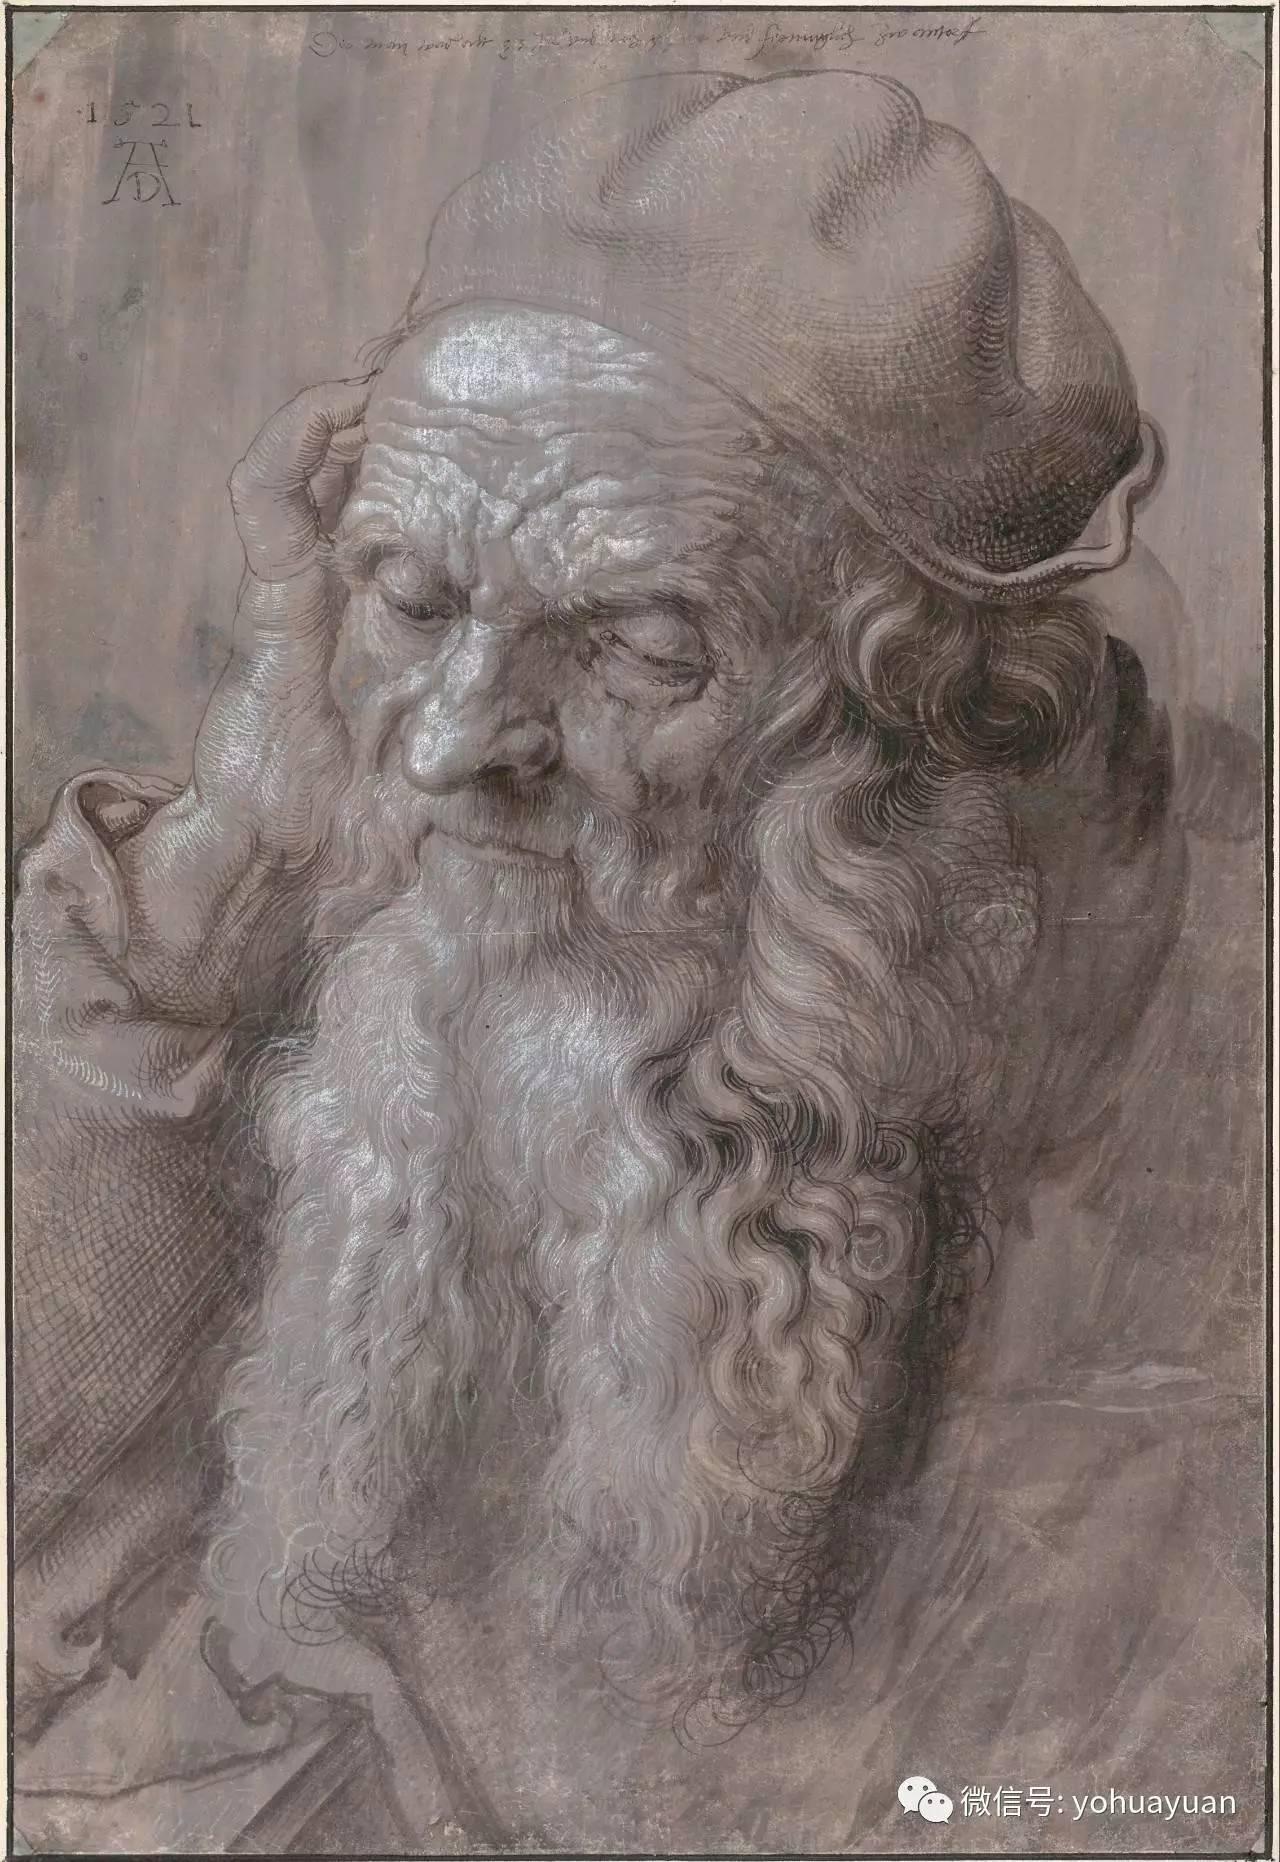 大师的素描如何影响油画历史